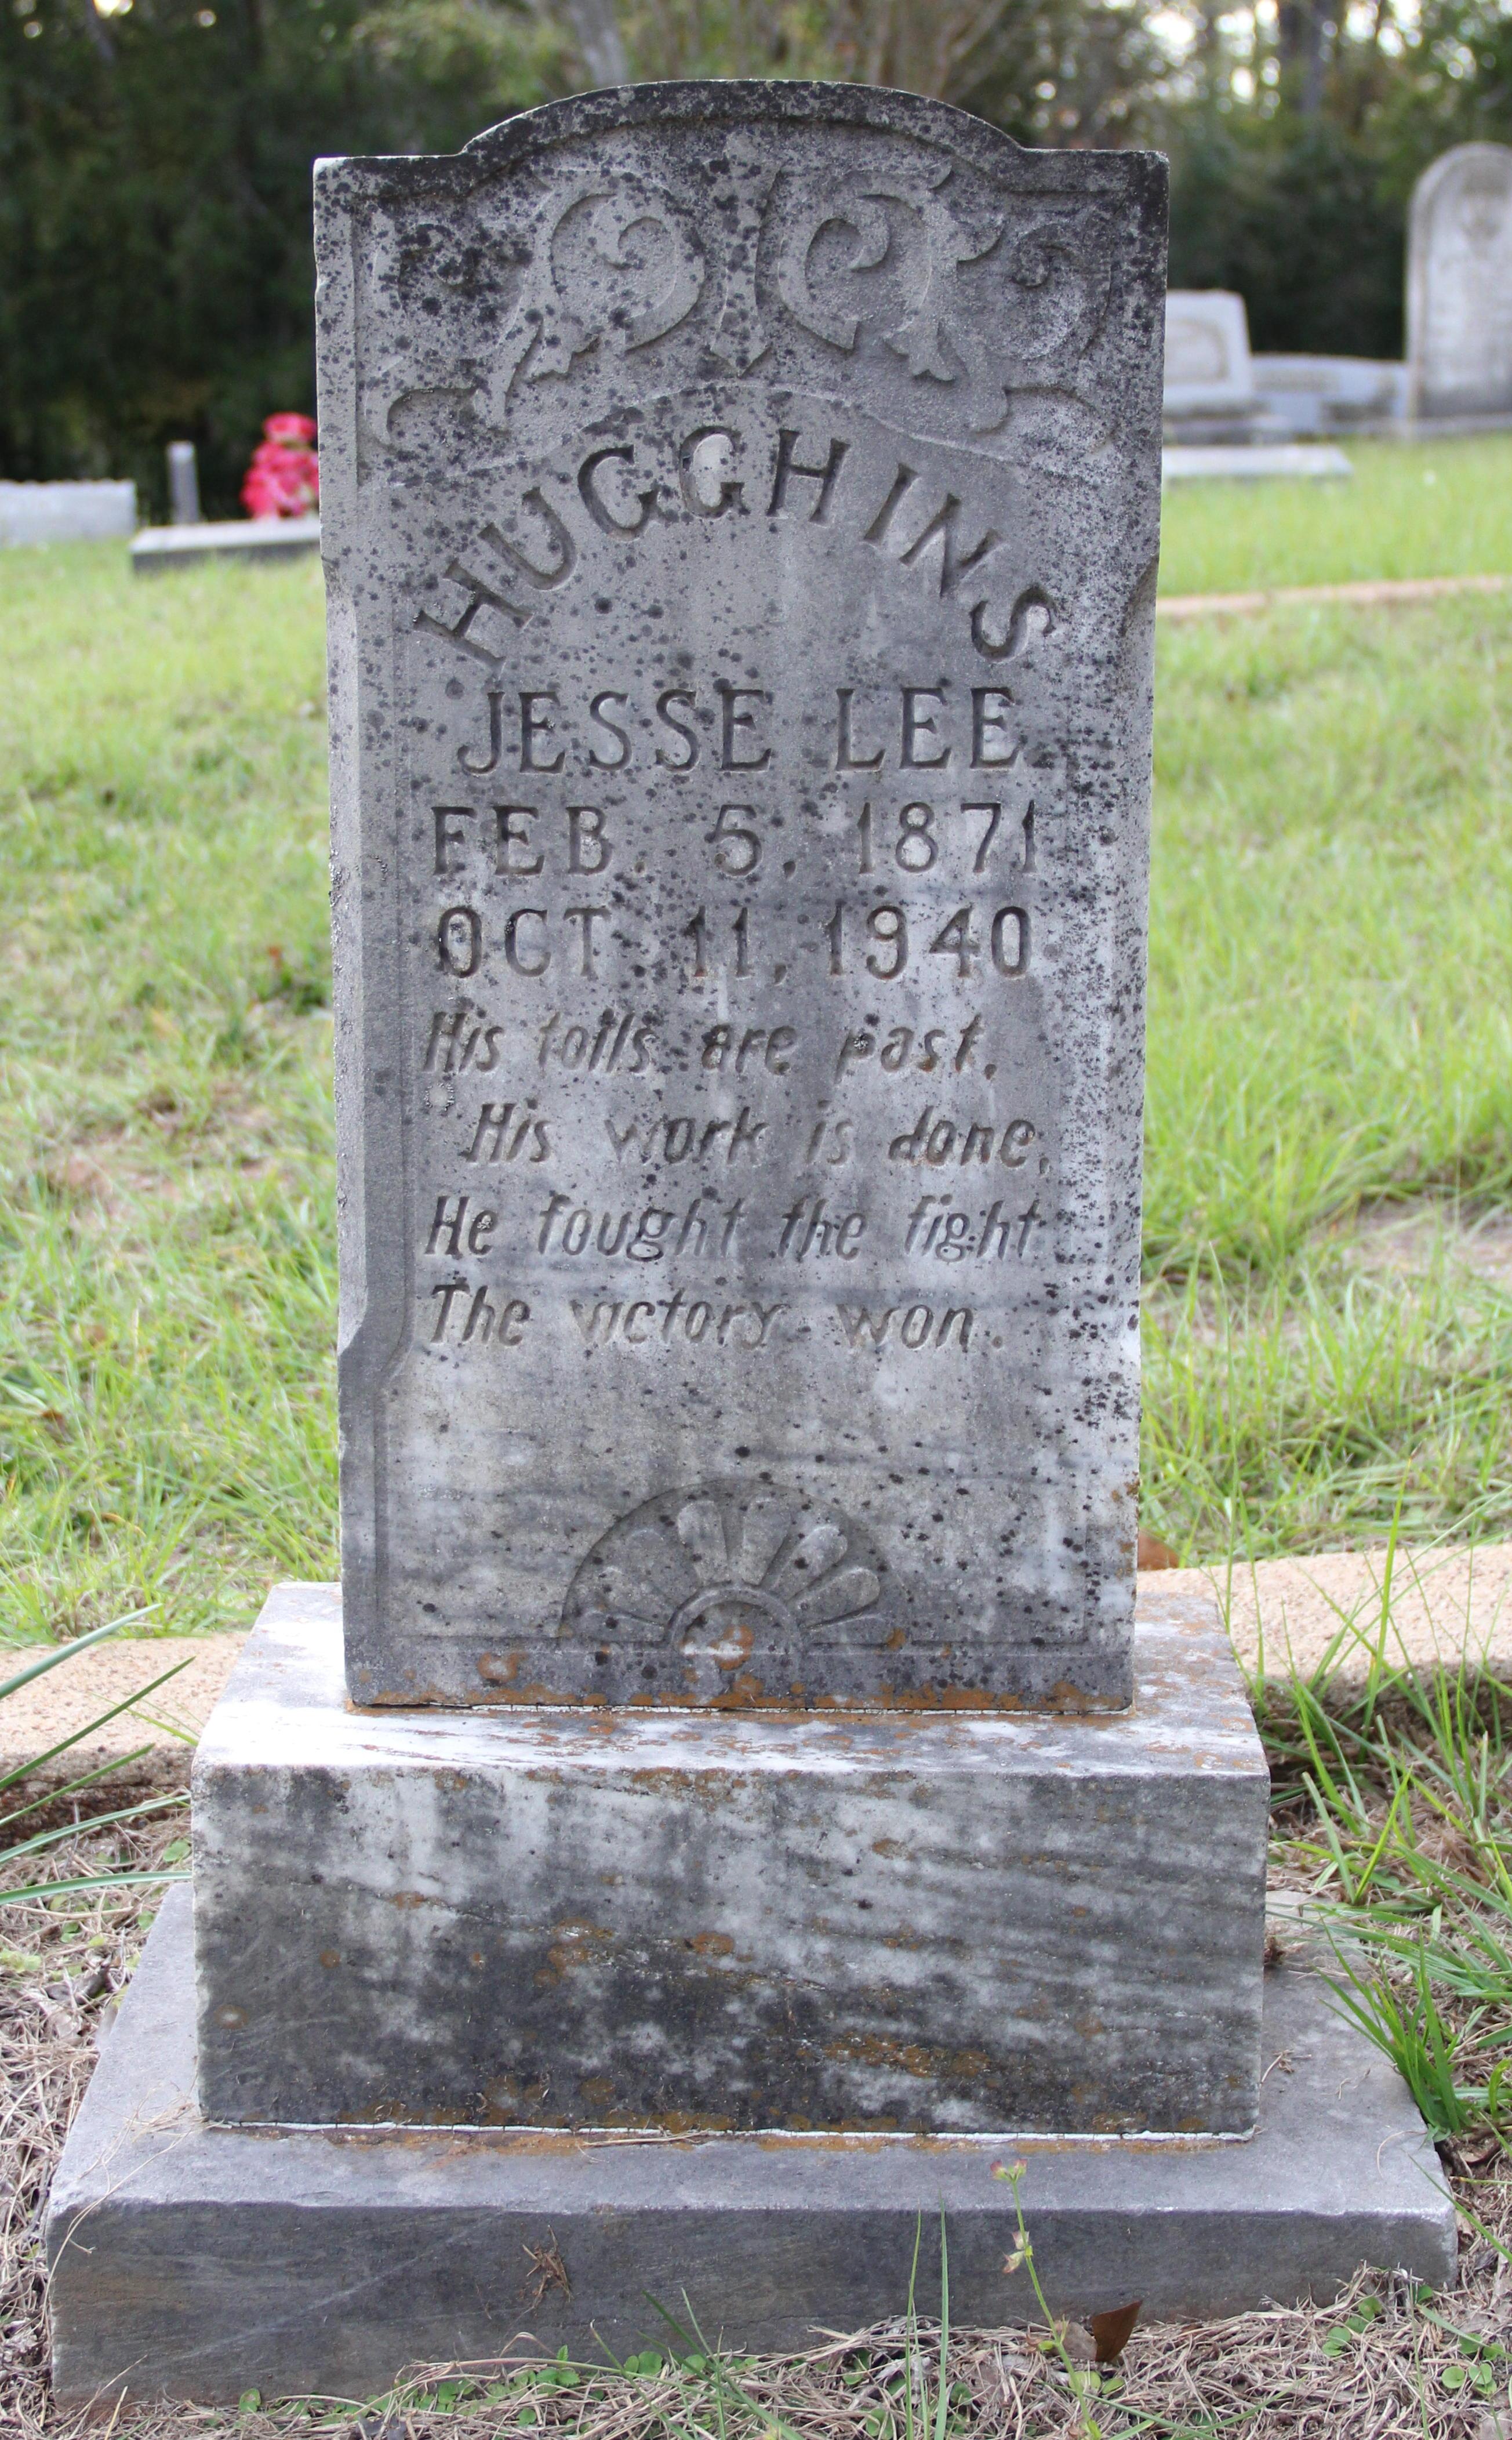 Jesse Lee Hugghins